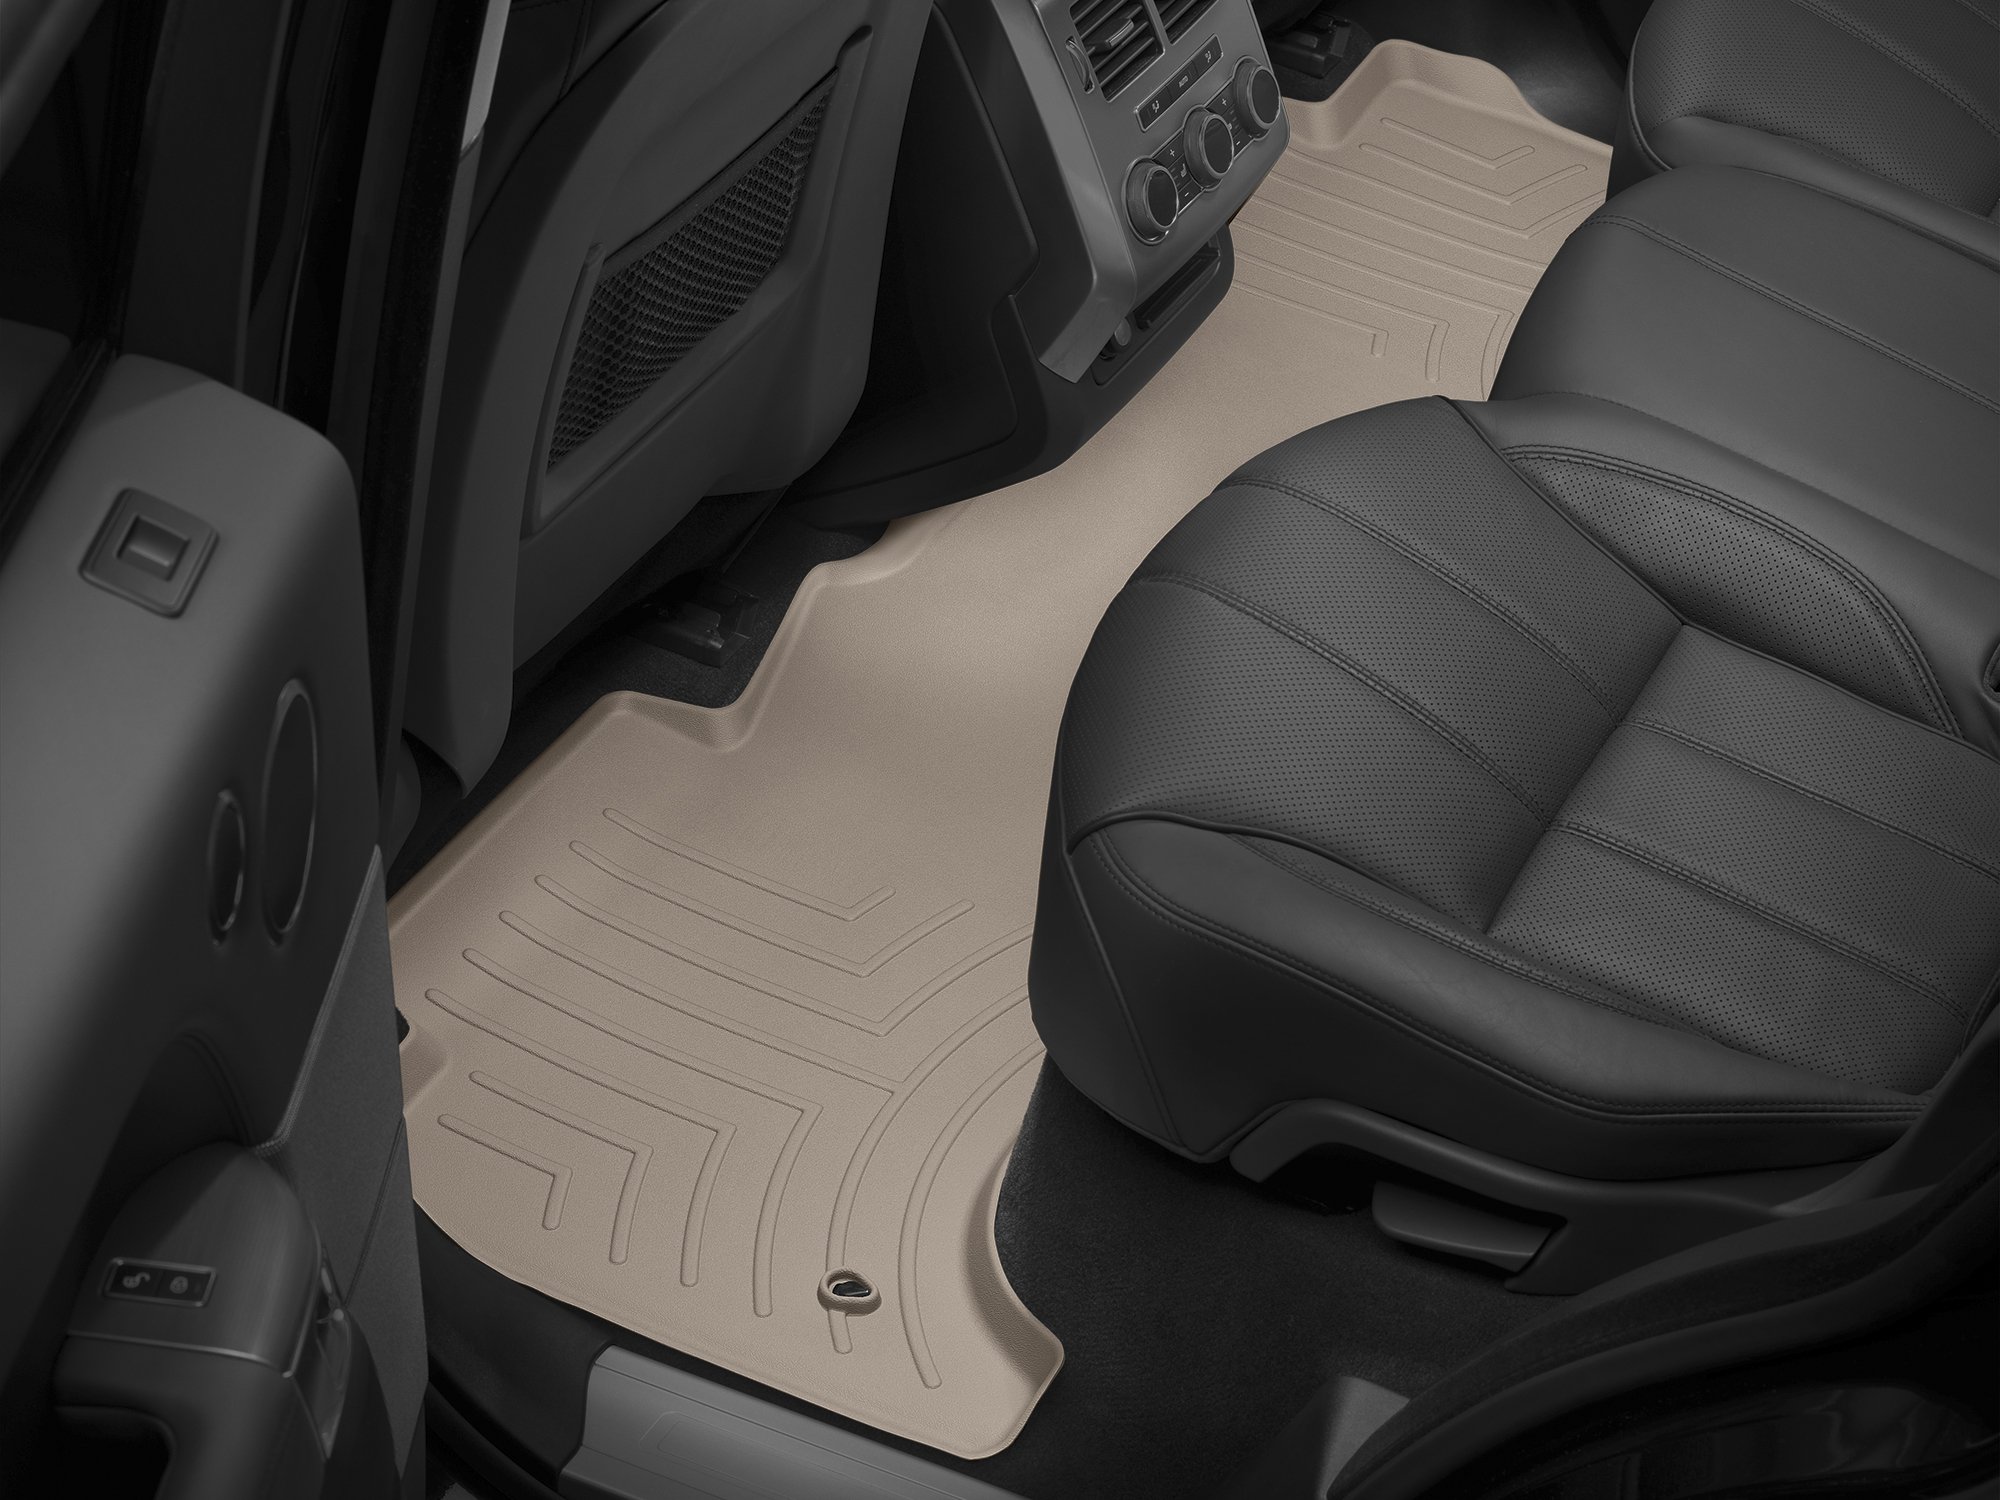 Tappeti gomma su misura bordo alto Land Rover 14>17 Marrone A1994